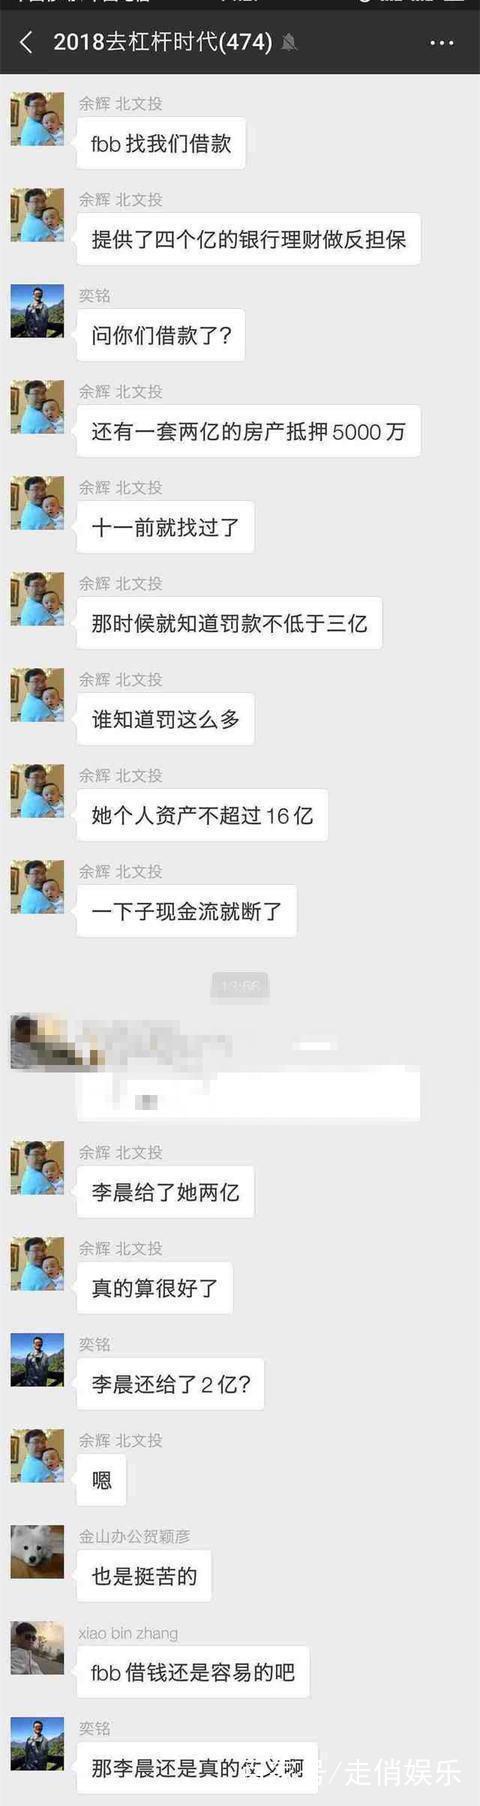 Một đoạn hội thoại tiết lộ Lý Thần đã đưa 200 triệu NDT để giúp đỡ Phạm Băng Băng. Ngoài ra người nhắn tin cũng cho biết Phạm Băng Băng có tìm đến anh để vay tiền. Thời điểm trước đó, Phạm Băng Băng chỉ cho rằng mình sẽ bị phạt 300 triệu, không ngờ con số lại vọt lên 900 triệu